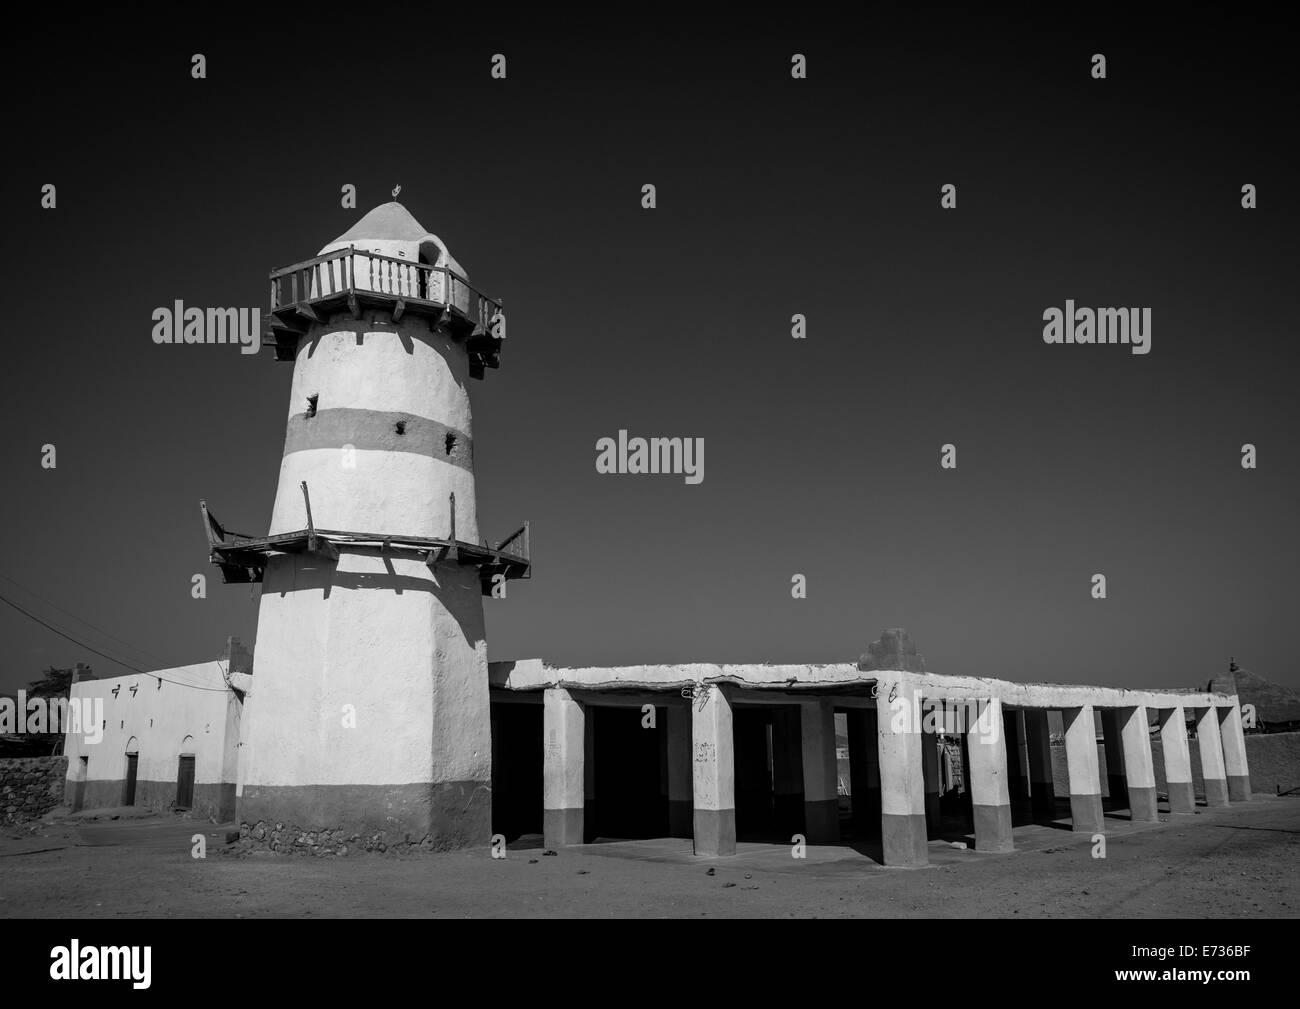 Big Mosque, Assaita, Afar Regional State, Ethiopia - Stock Image